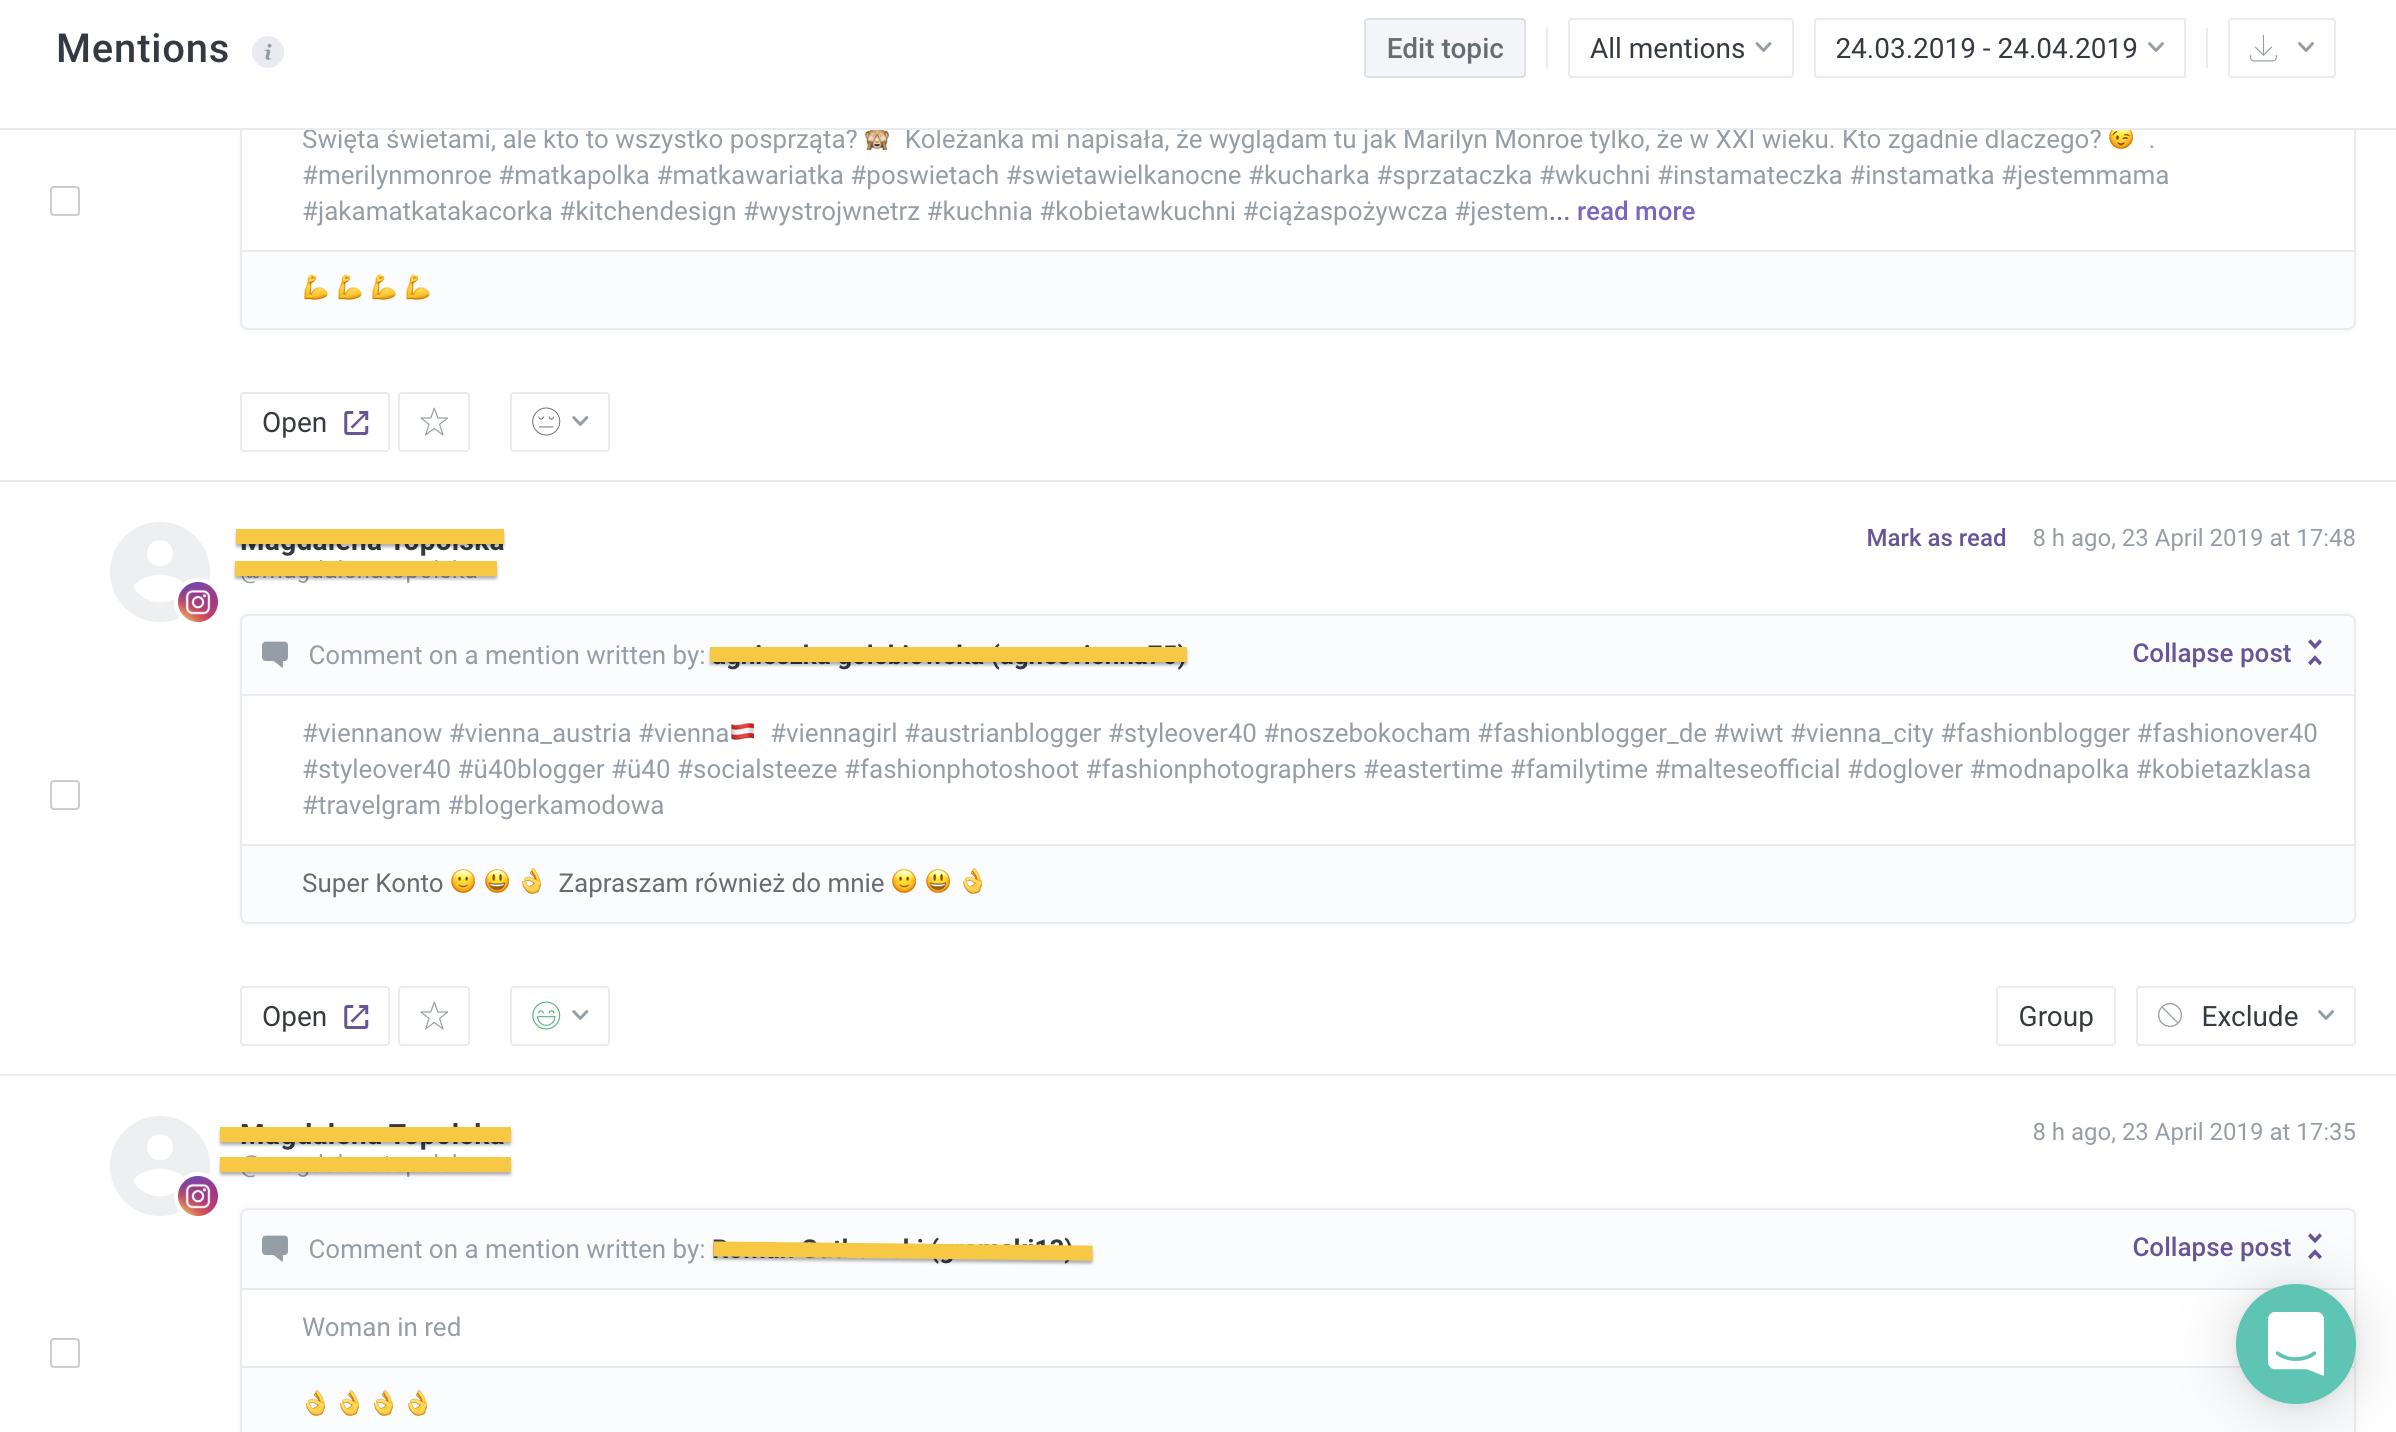 boty na instagramie jak rozpoznać komentarze w social media monitoring